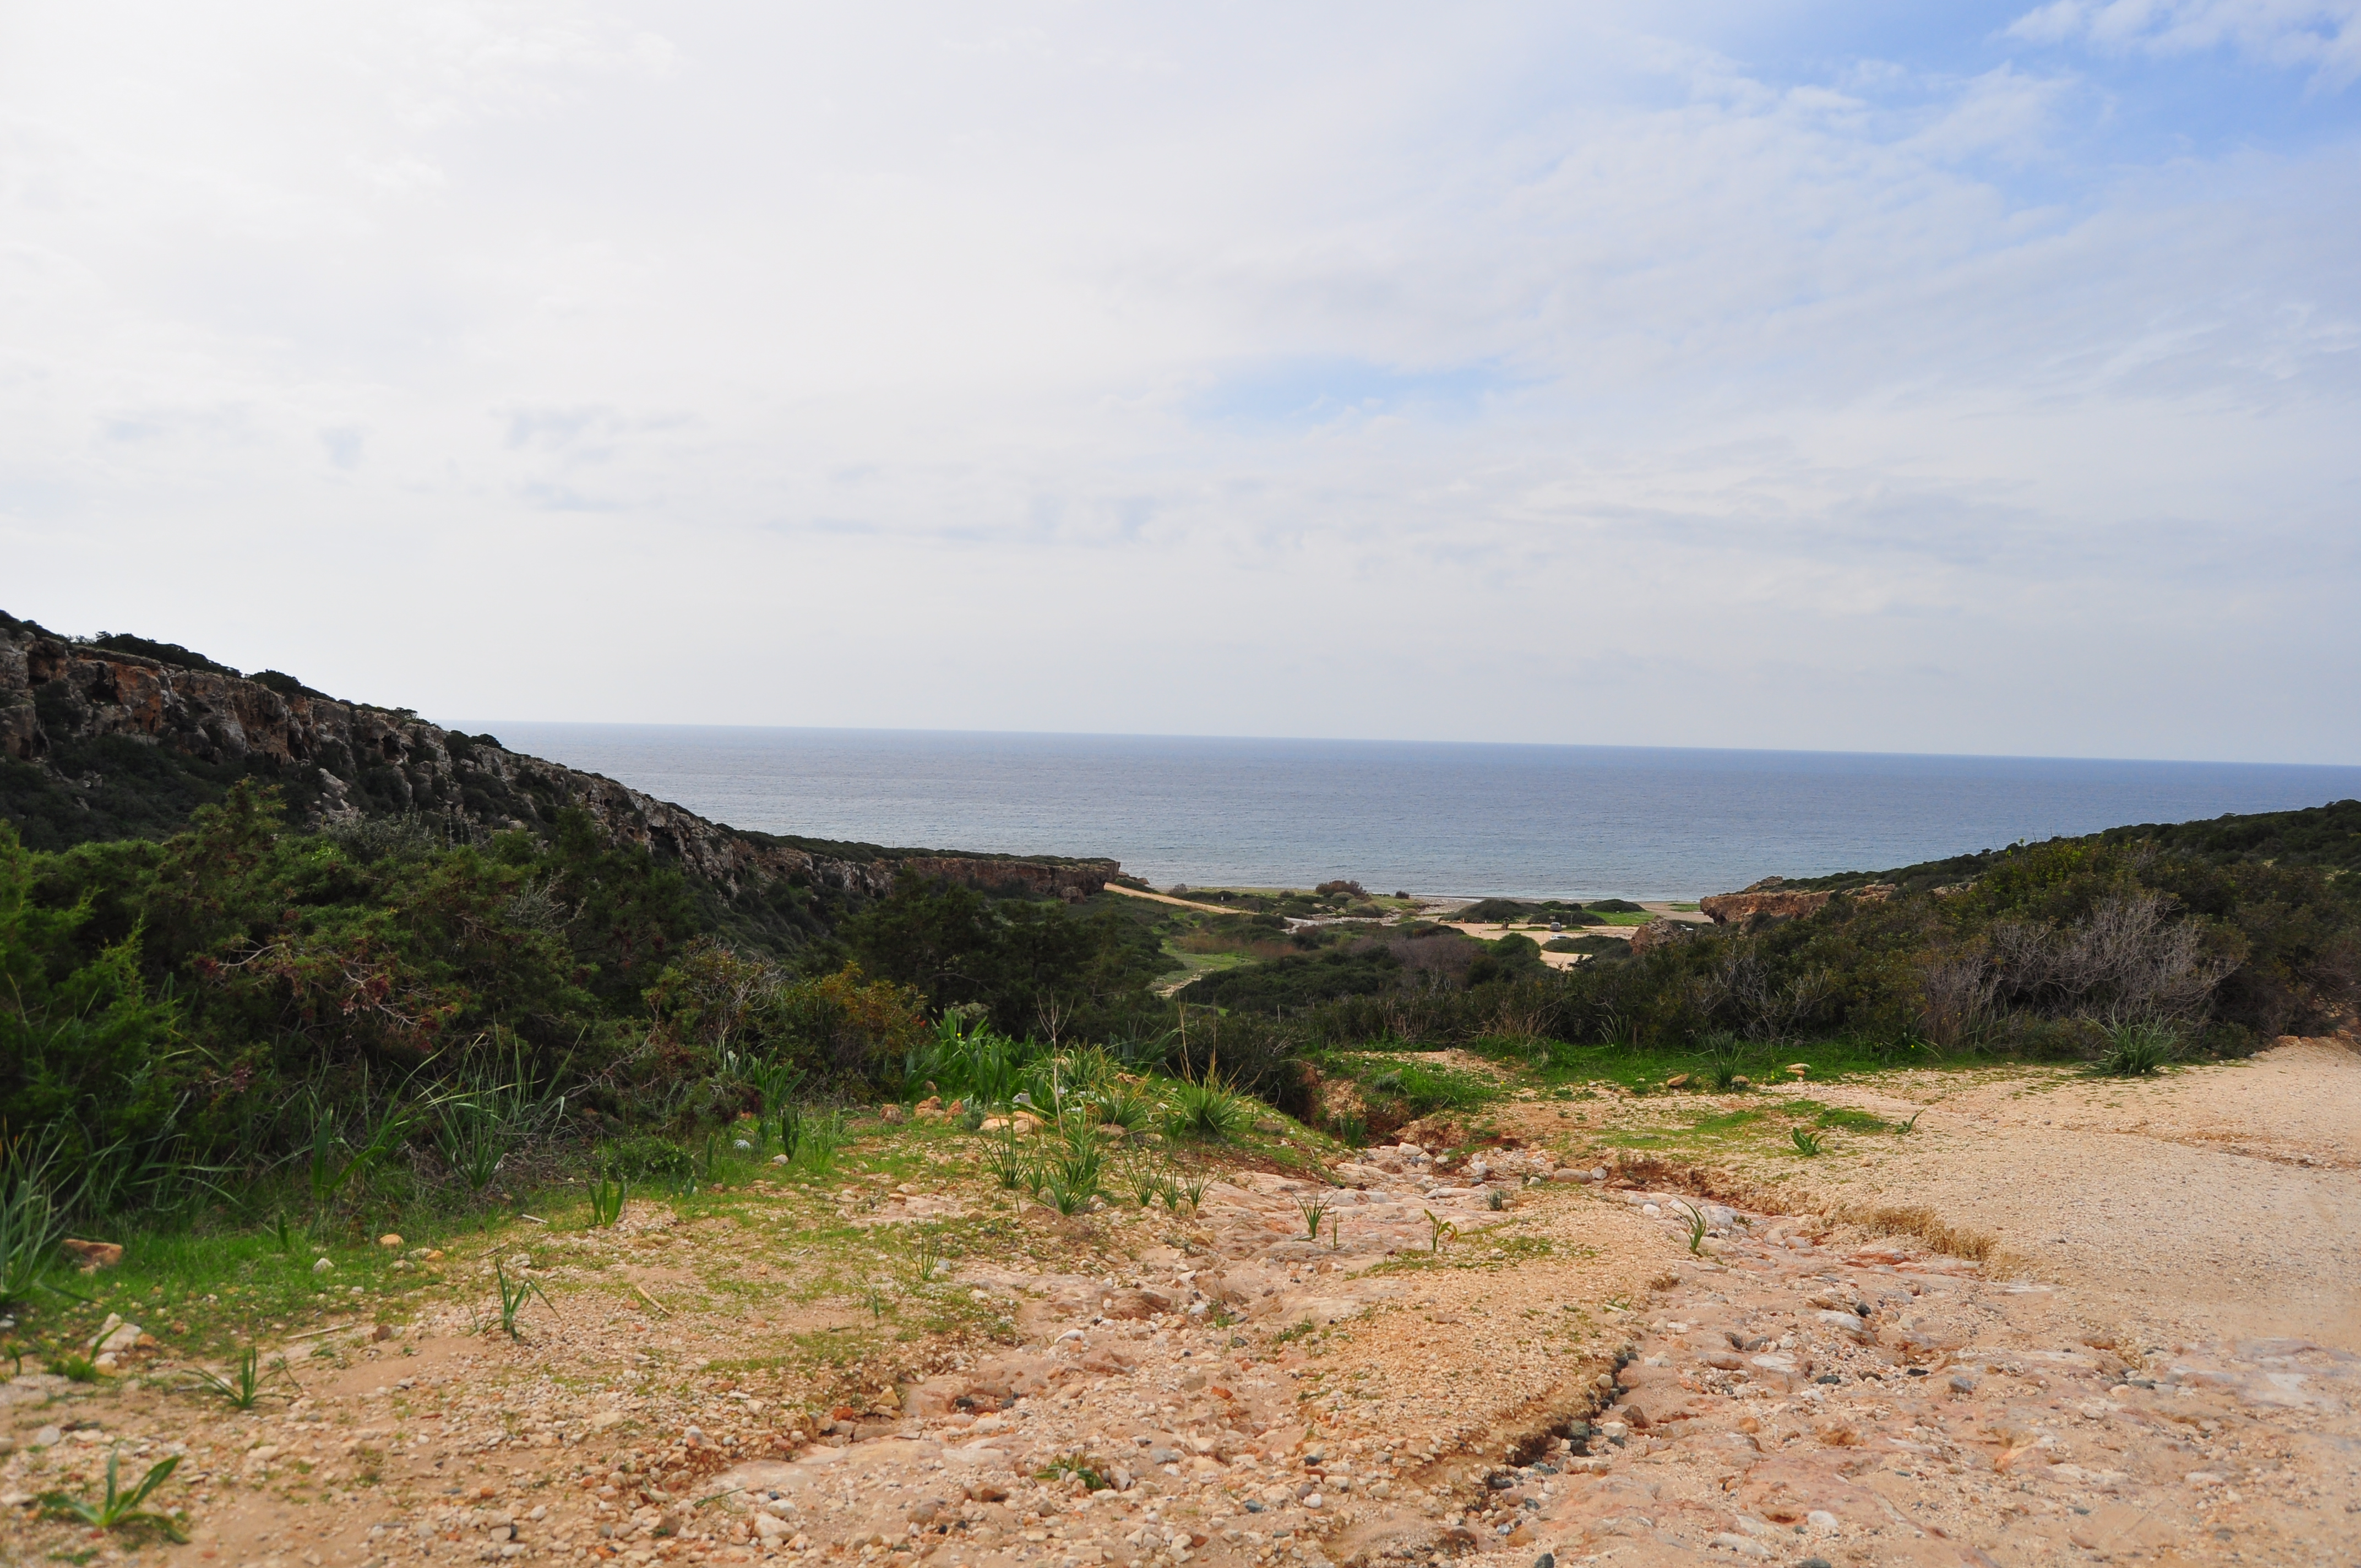 Drumul de întoarcere de la Canion spre Paphos